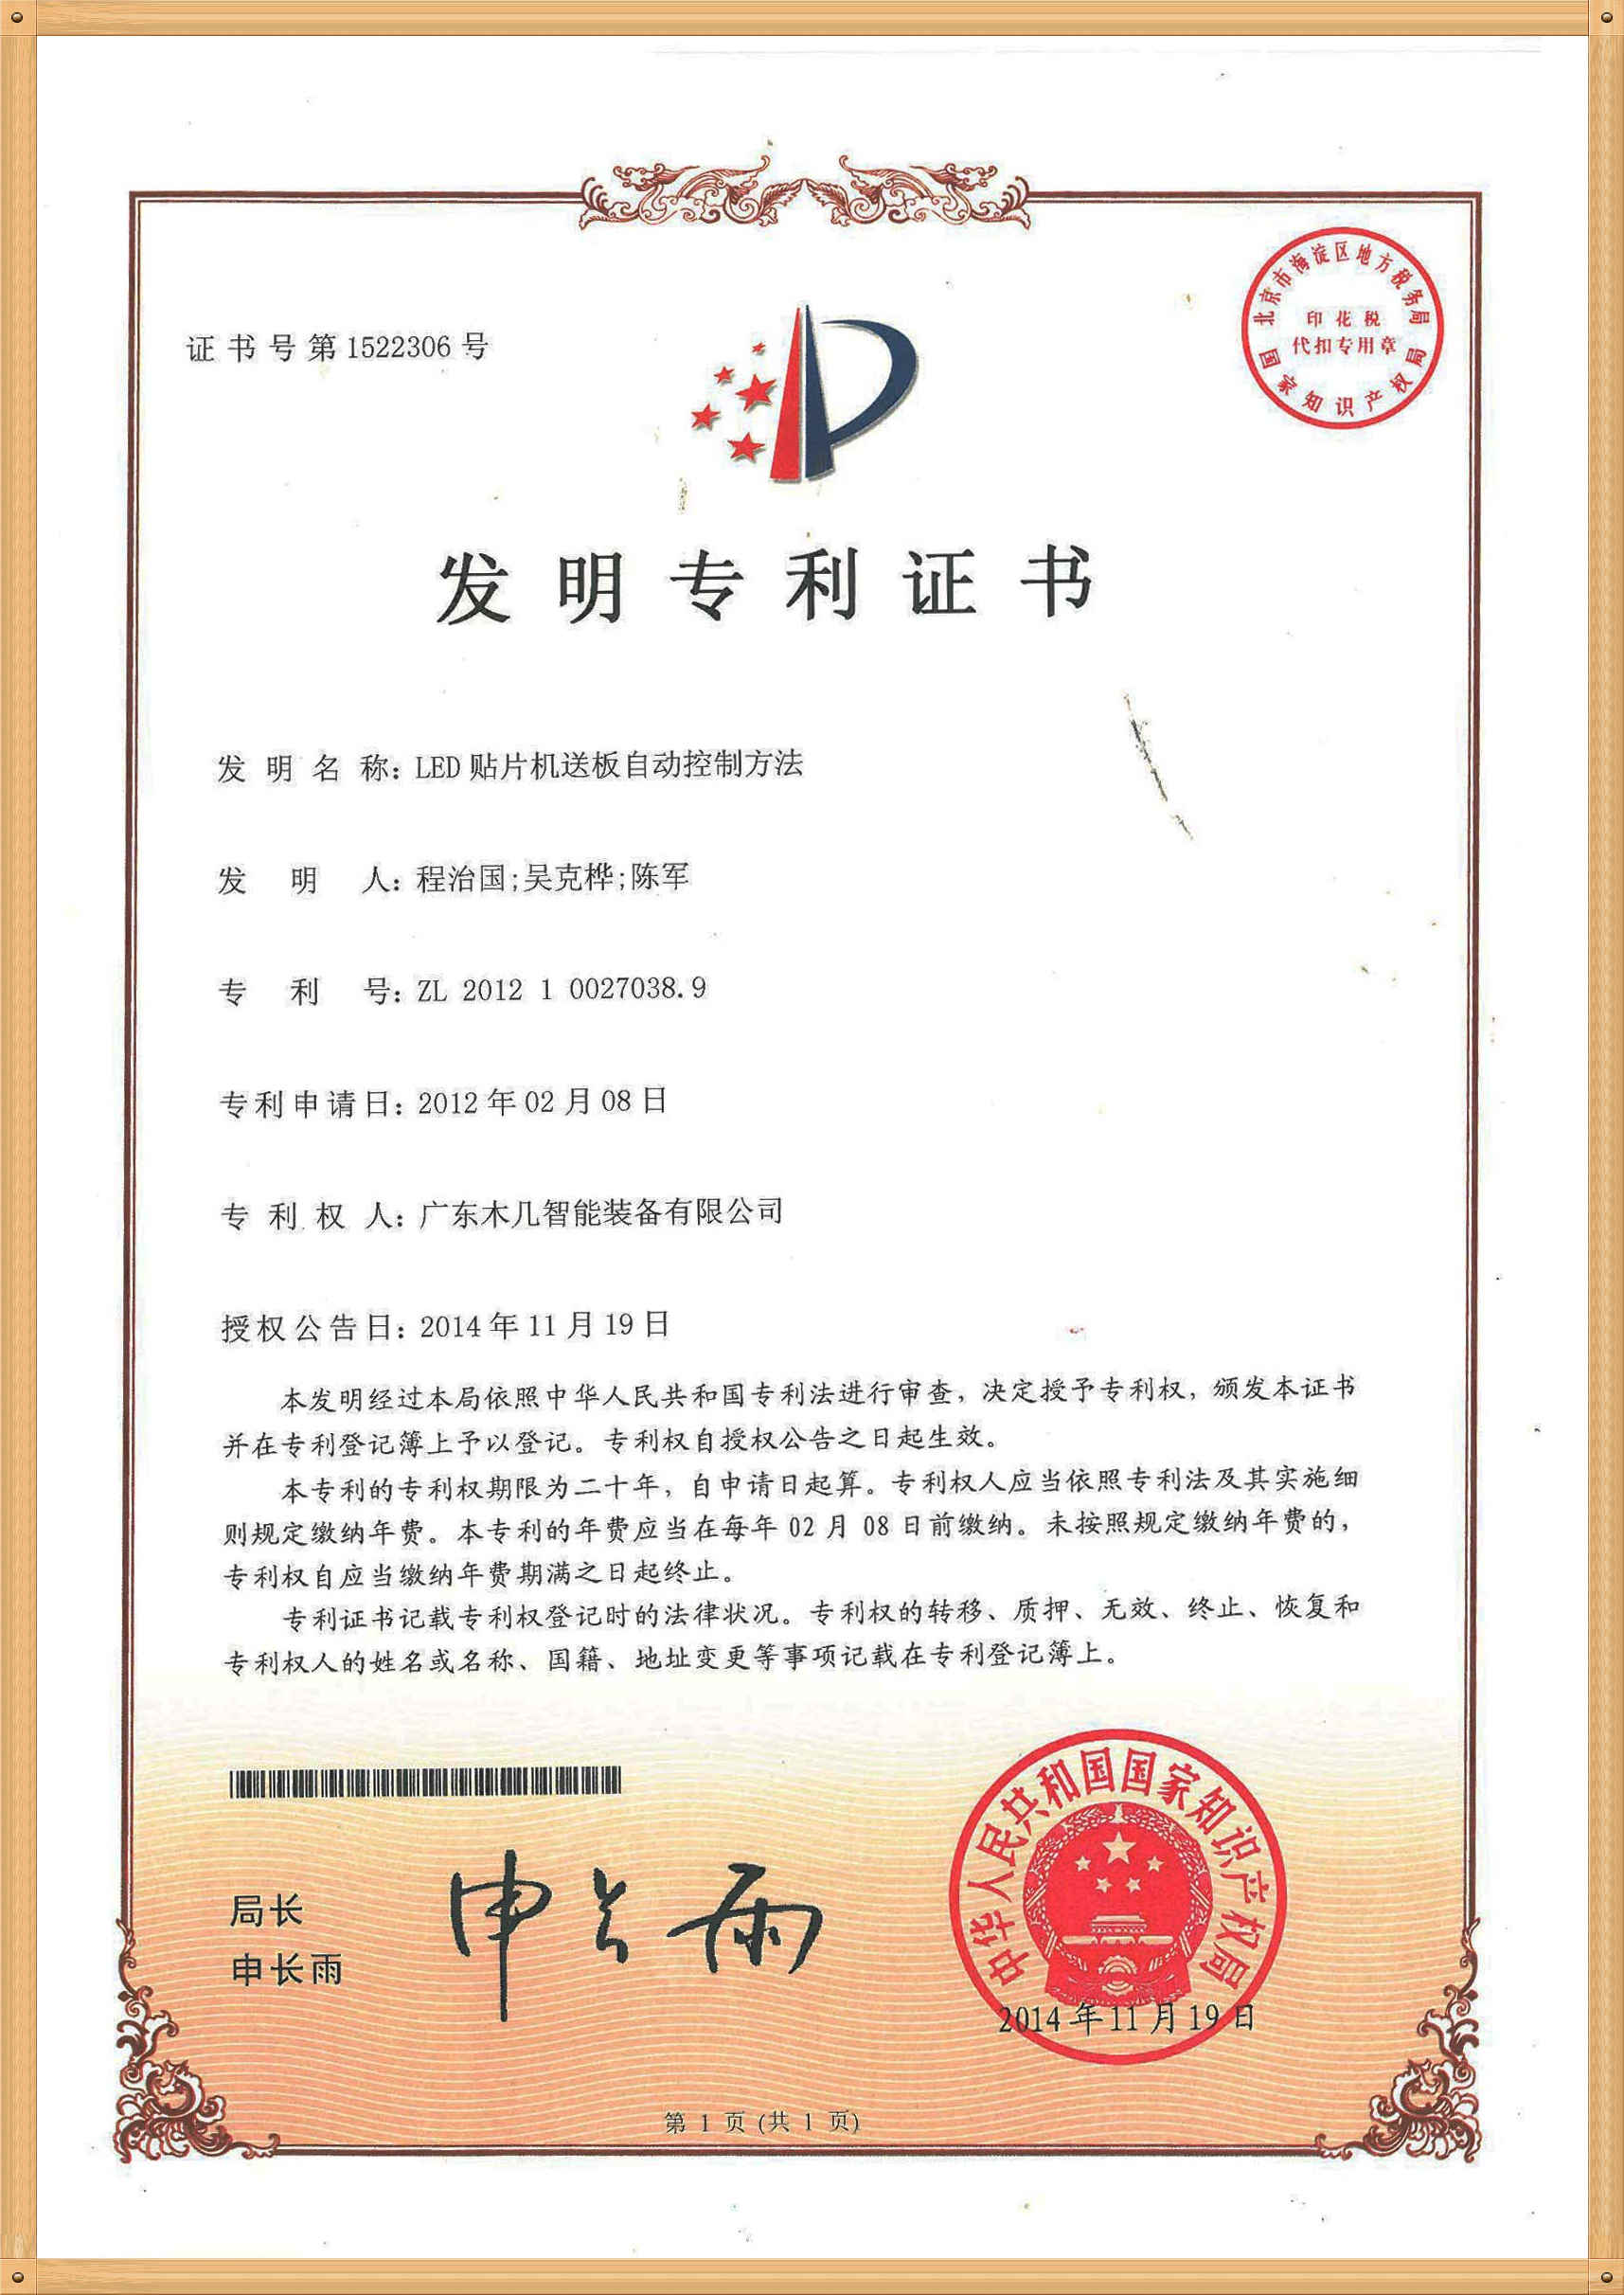 表明专利证书